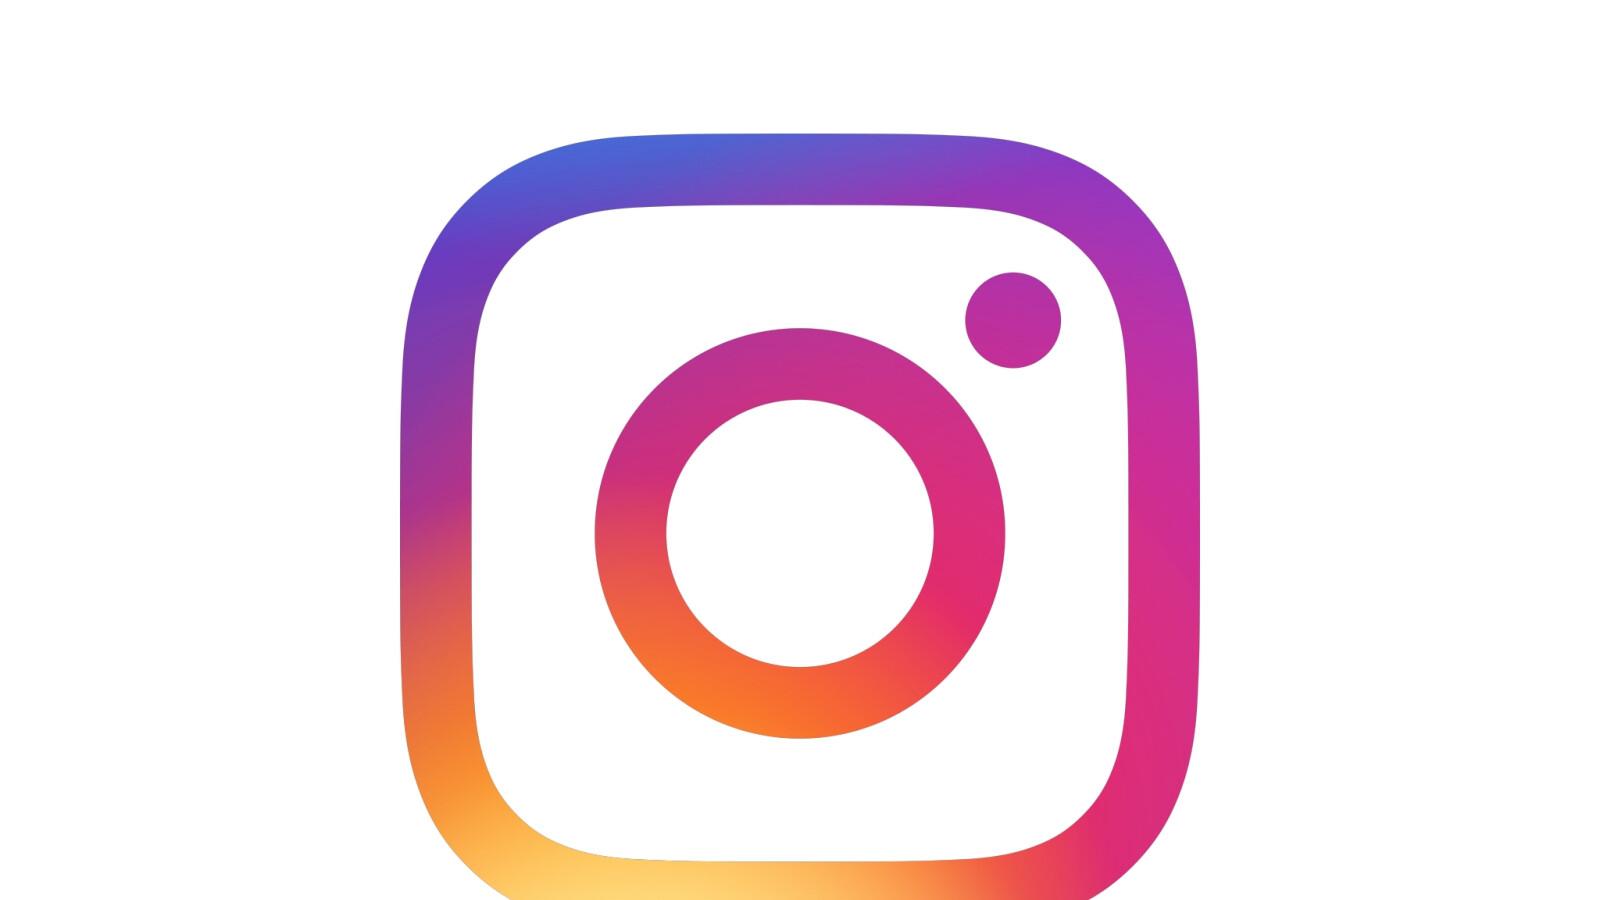 Mit Instagram können Sie jetzt sehen, wann Ihre Freunde